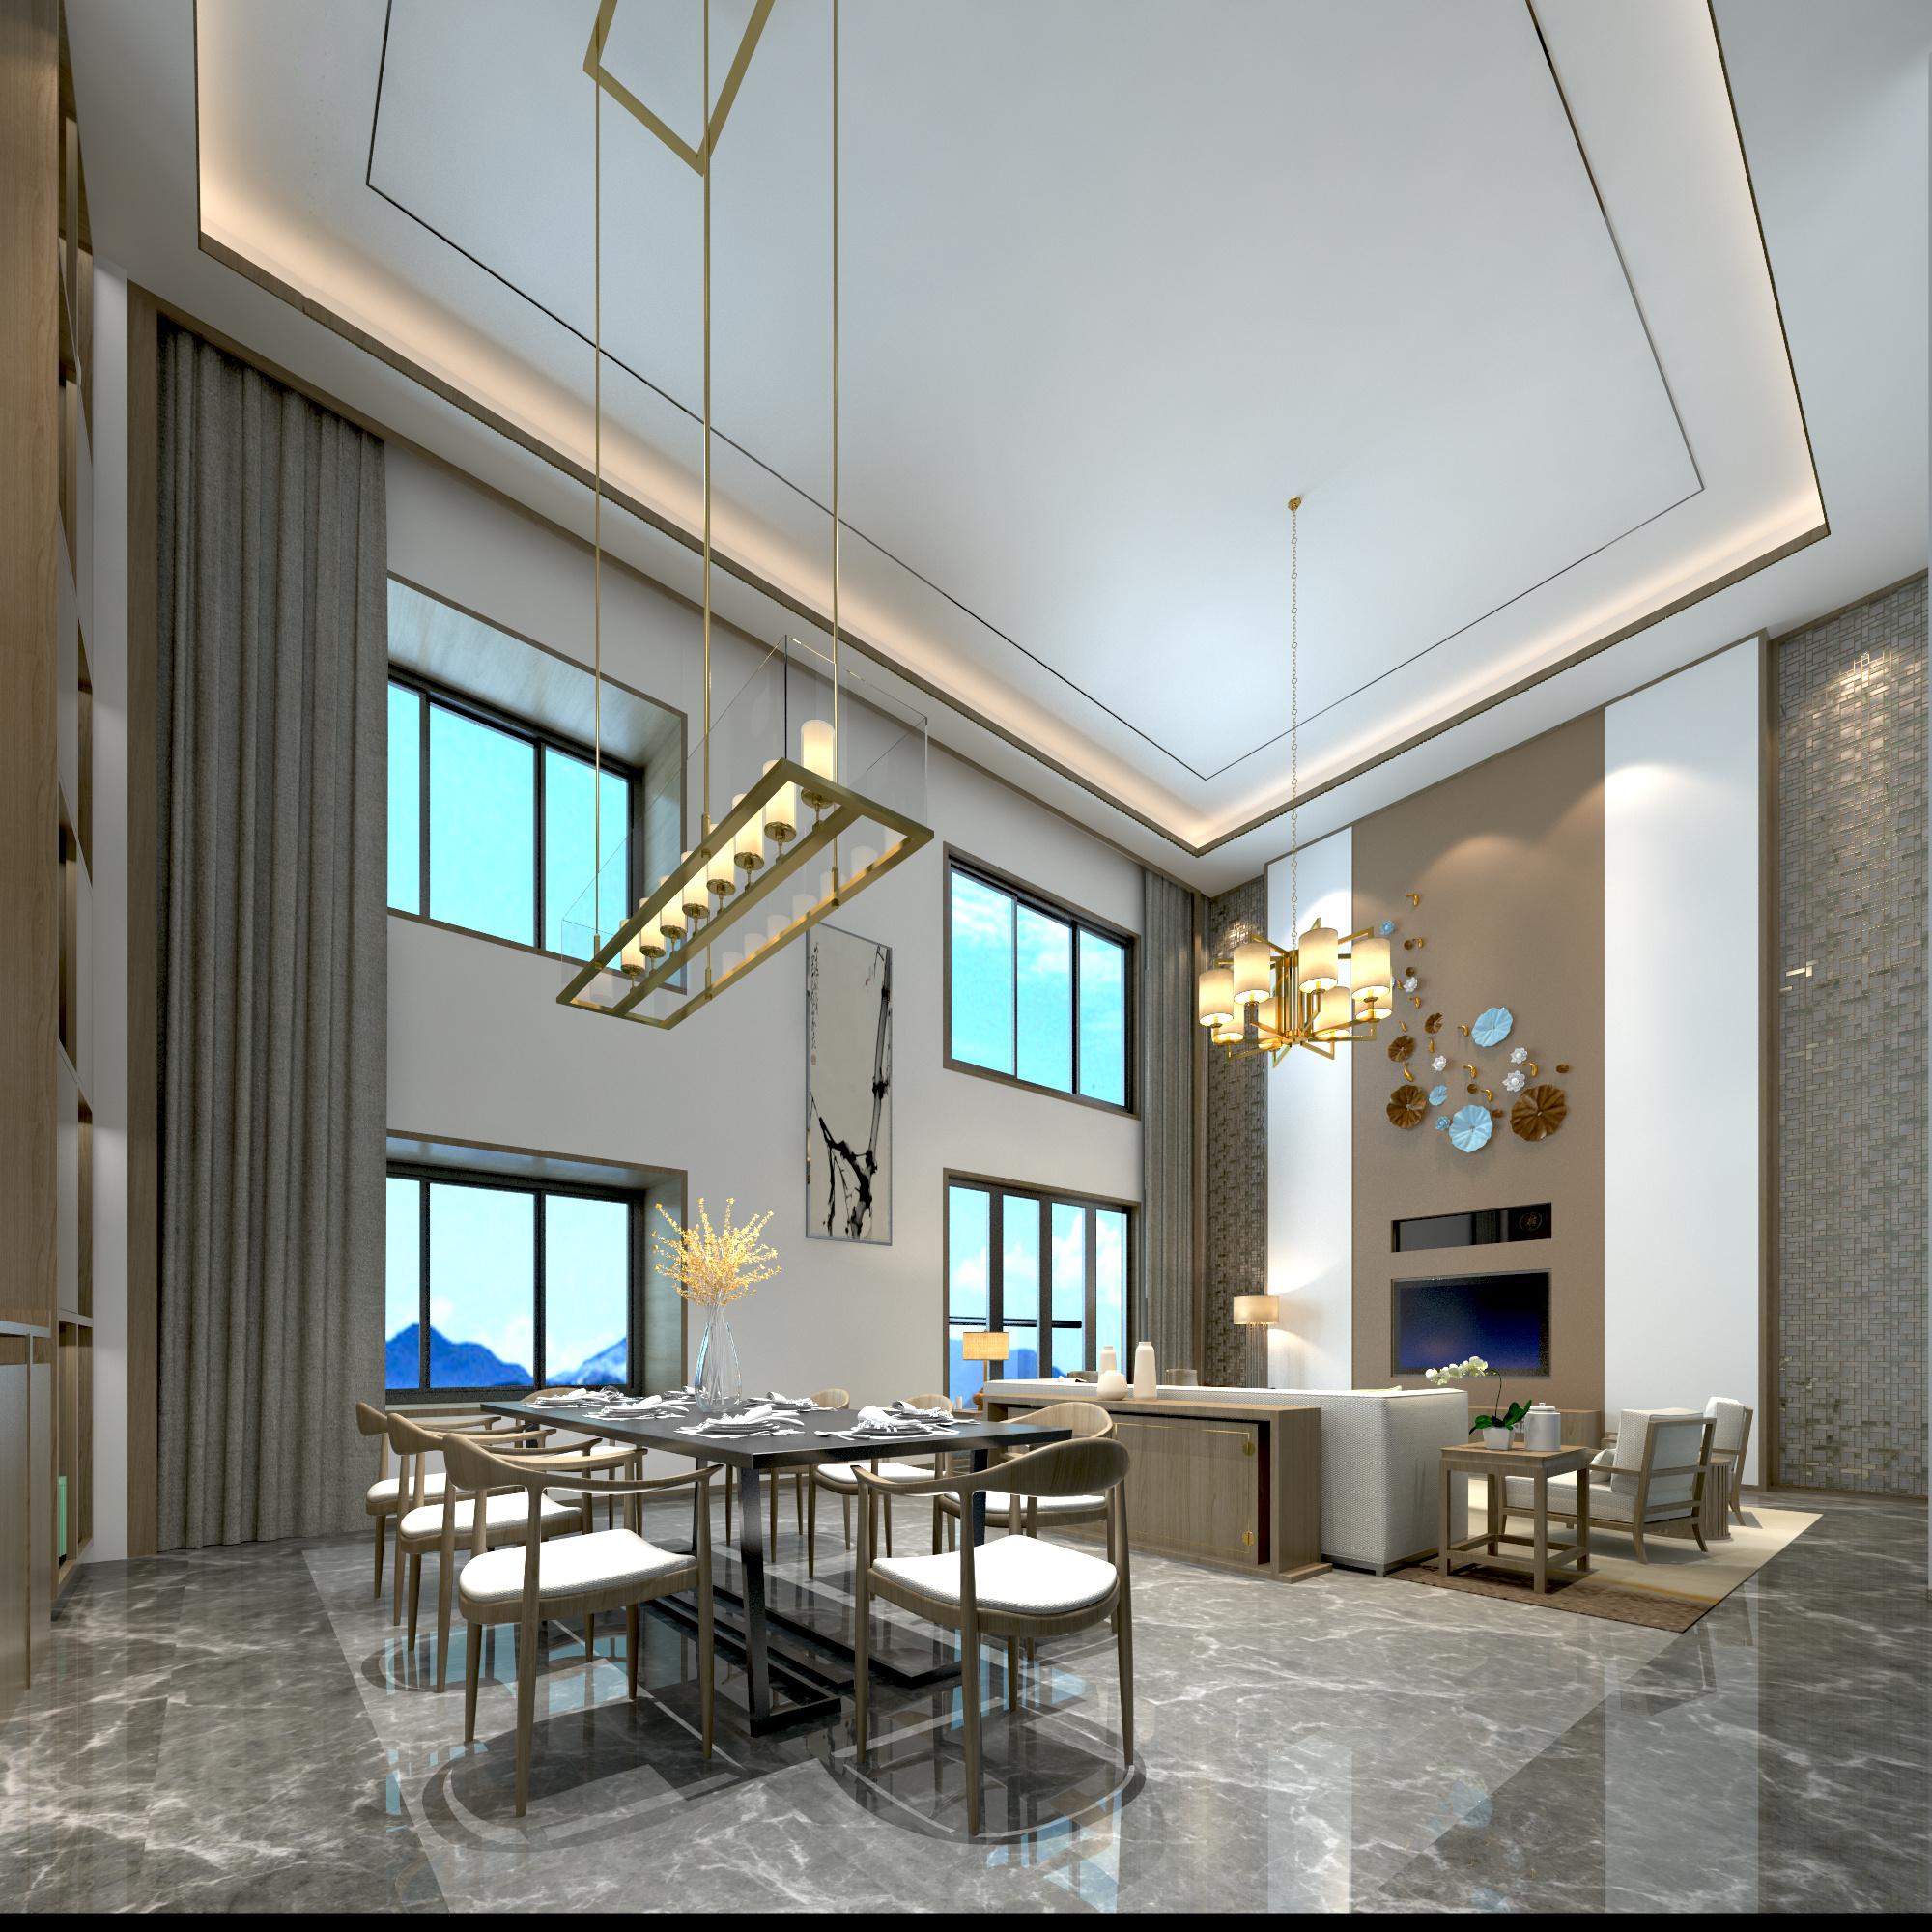 新中式客厅|空间|室内设计|春作 - 临摹作品 - 站酷